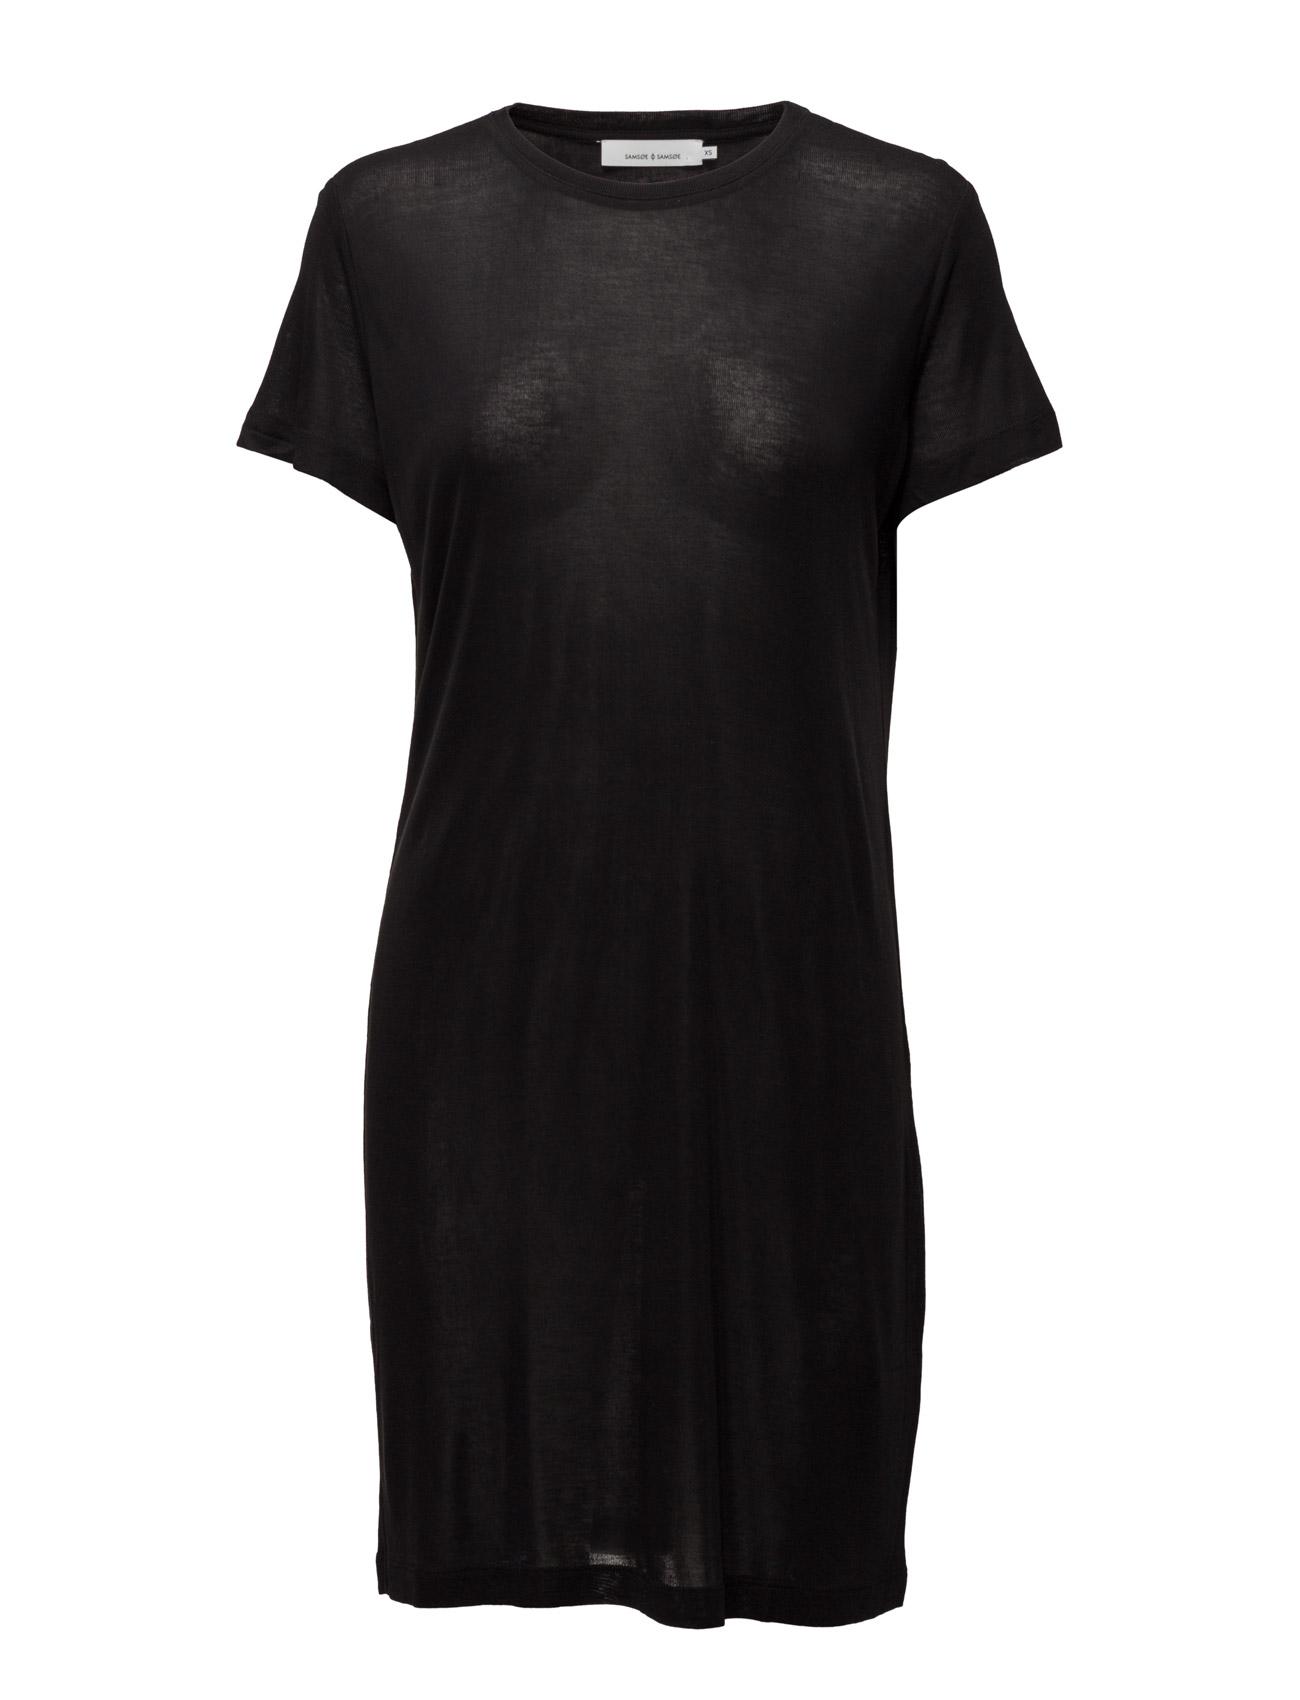 Siff Dress 6136 Samsøe & Samsøe Kjoler til Kvinder i Sort